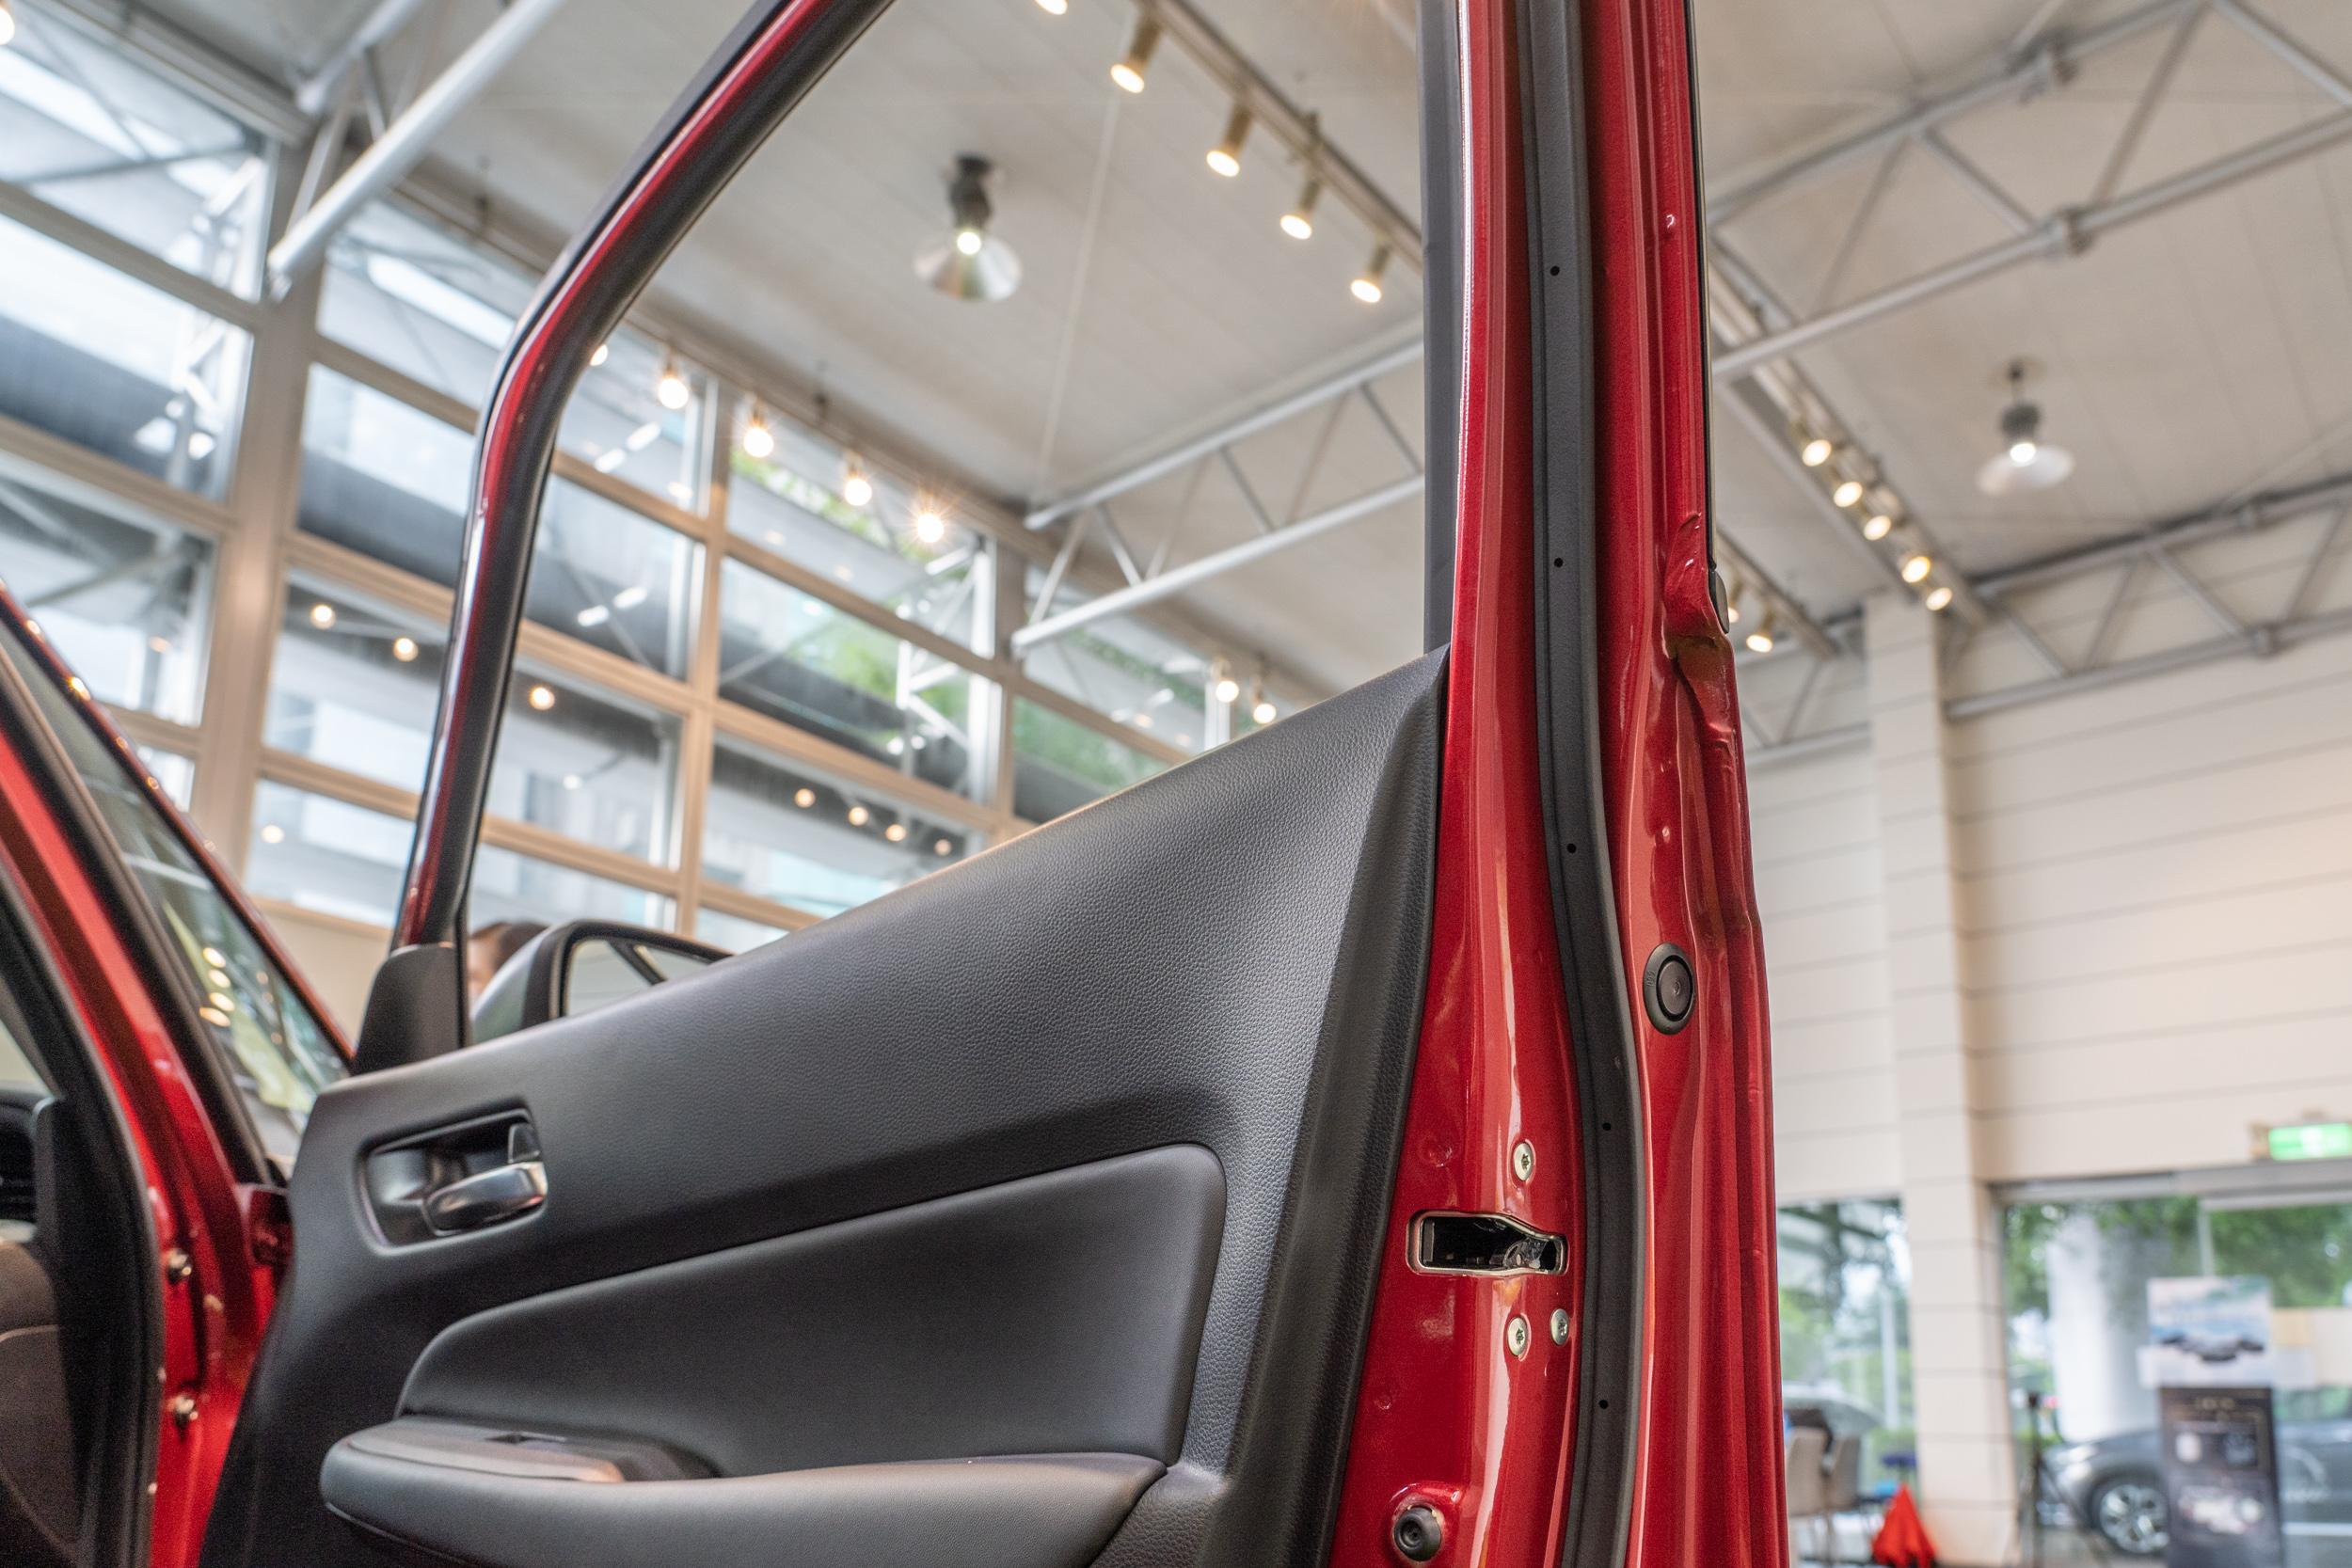 過去車門鈑件設計區分為窗框與車門上下兩部分,全新 Fit 更加簡化鈑件數量,可同步減少車門厚度與提升剛性。